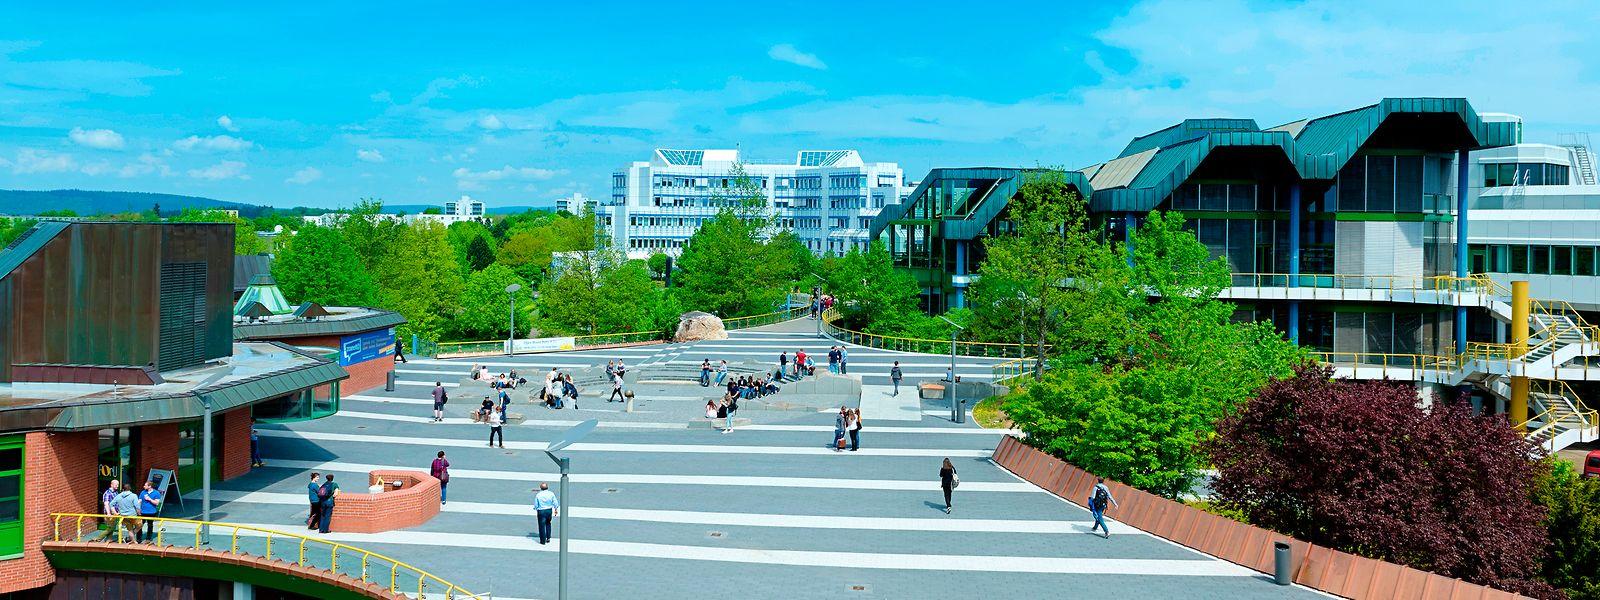 Zum Wintersemester startet an der Trierer Universität ein neuer Masterstudiengang, der auch für Luxemburger interessant sein könnte.